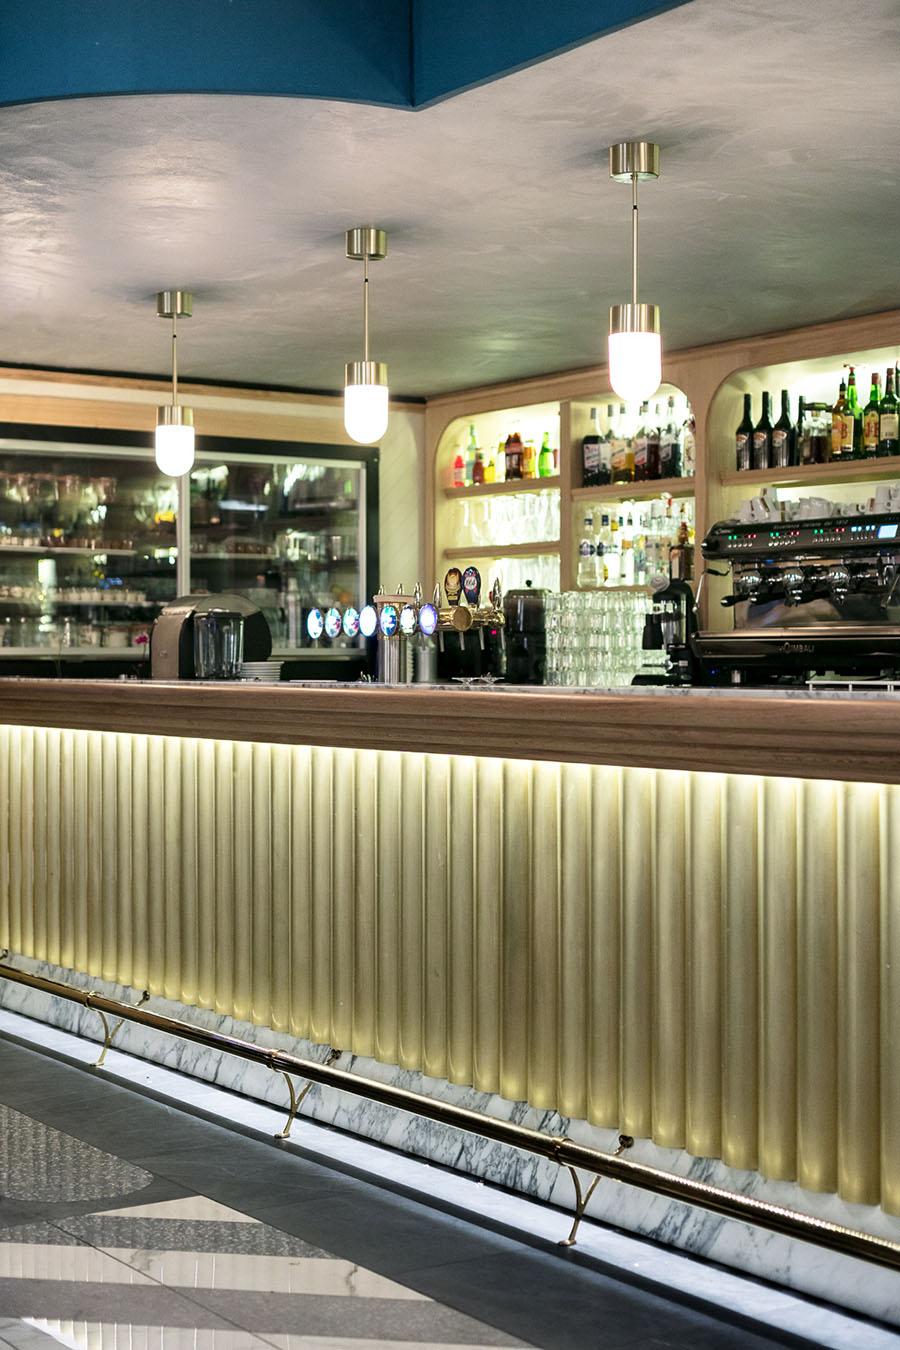 Comptoir et arrière bar réfrigéré laiton marbre et chêne – vitrine pâtisserie grande capacité réfrigérée – Crédit photo Studio 614